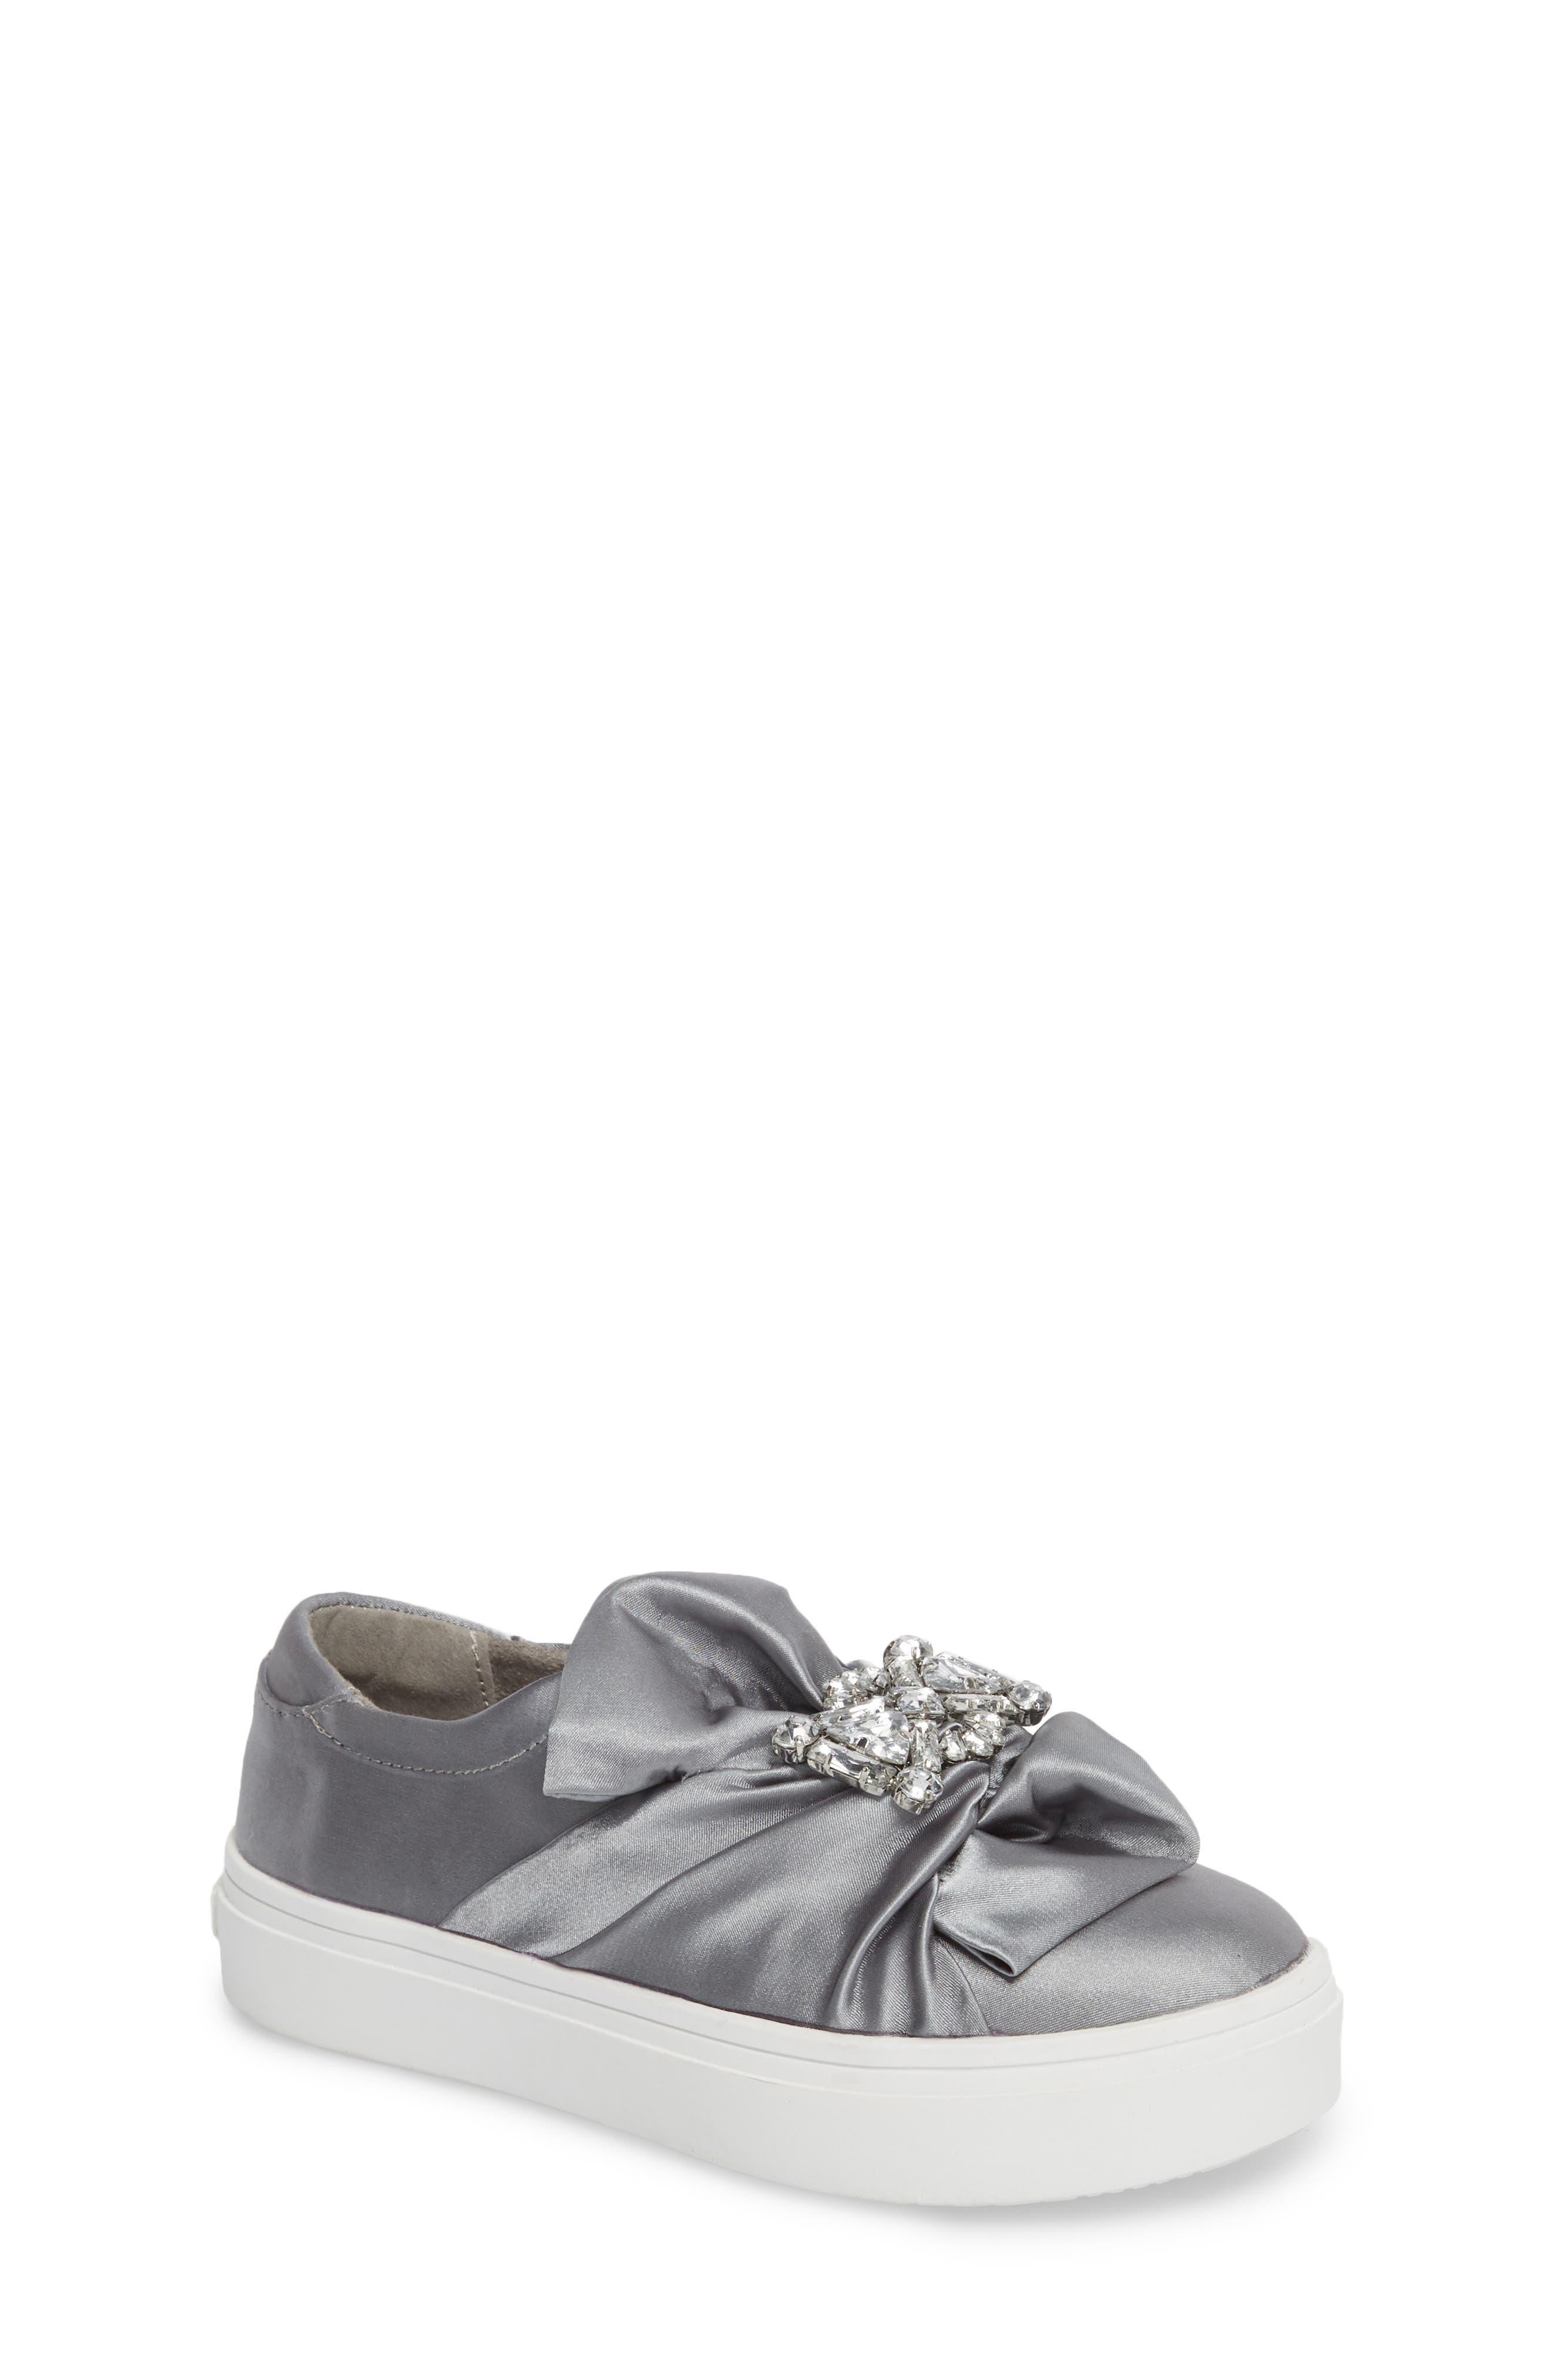 Shout Shine Embellished Sneaker,                         Main,                         color, 050